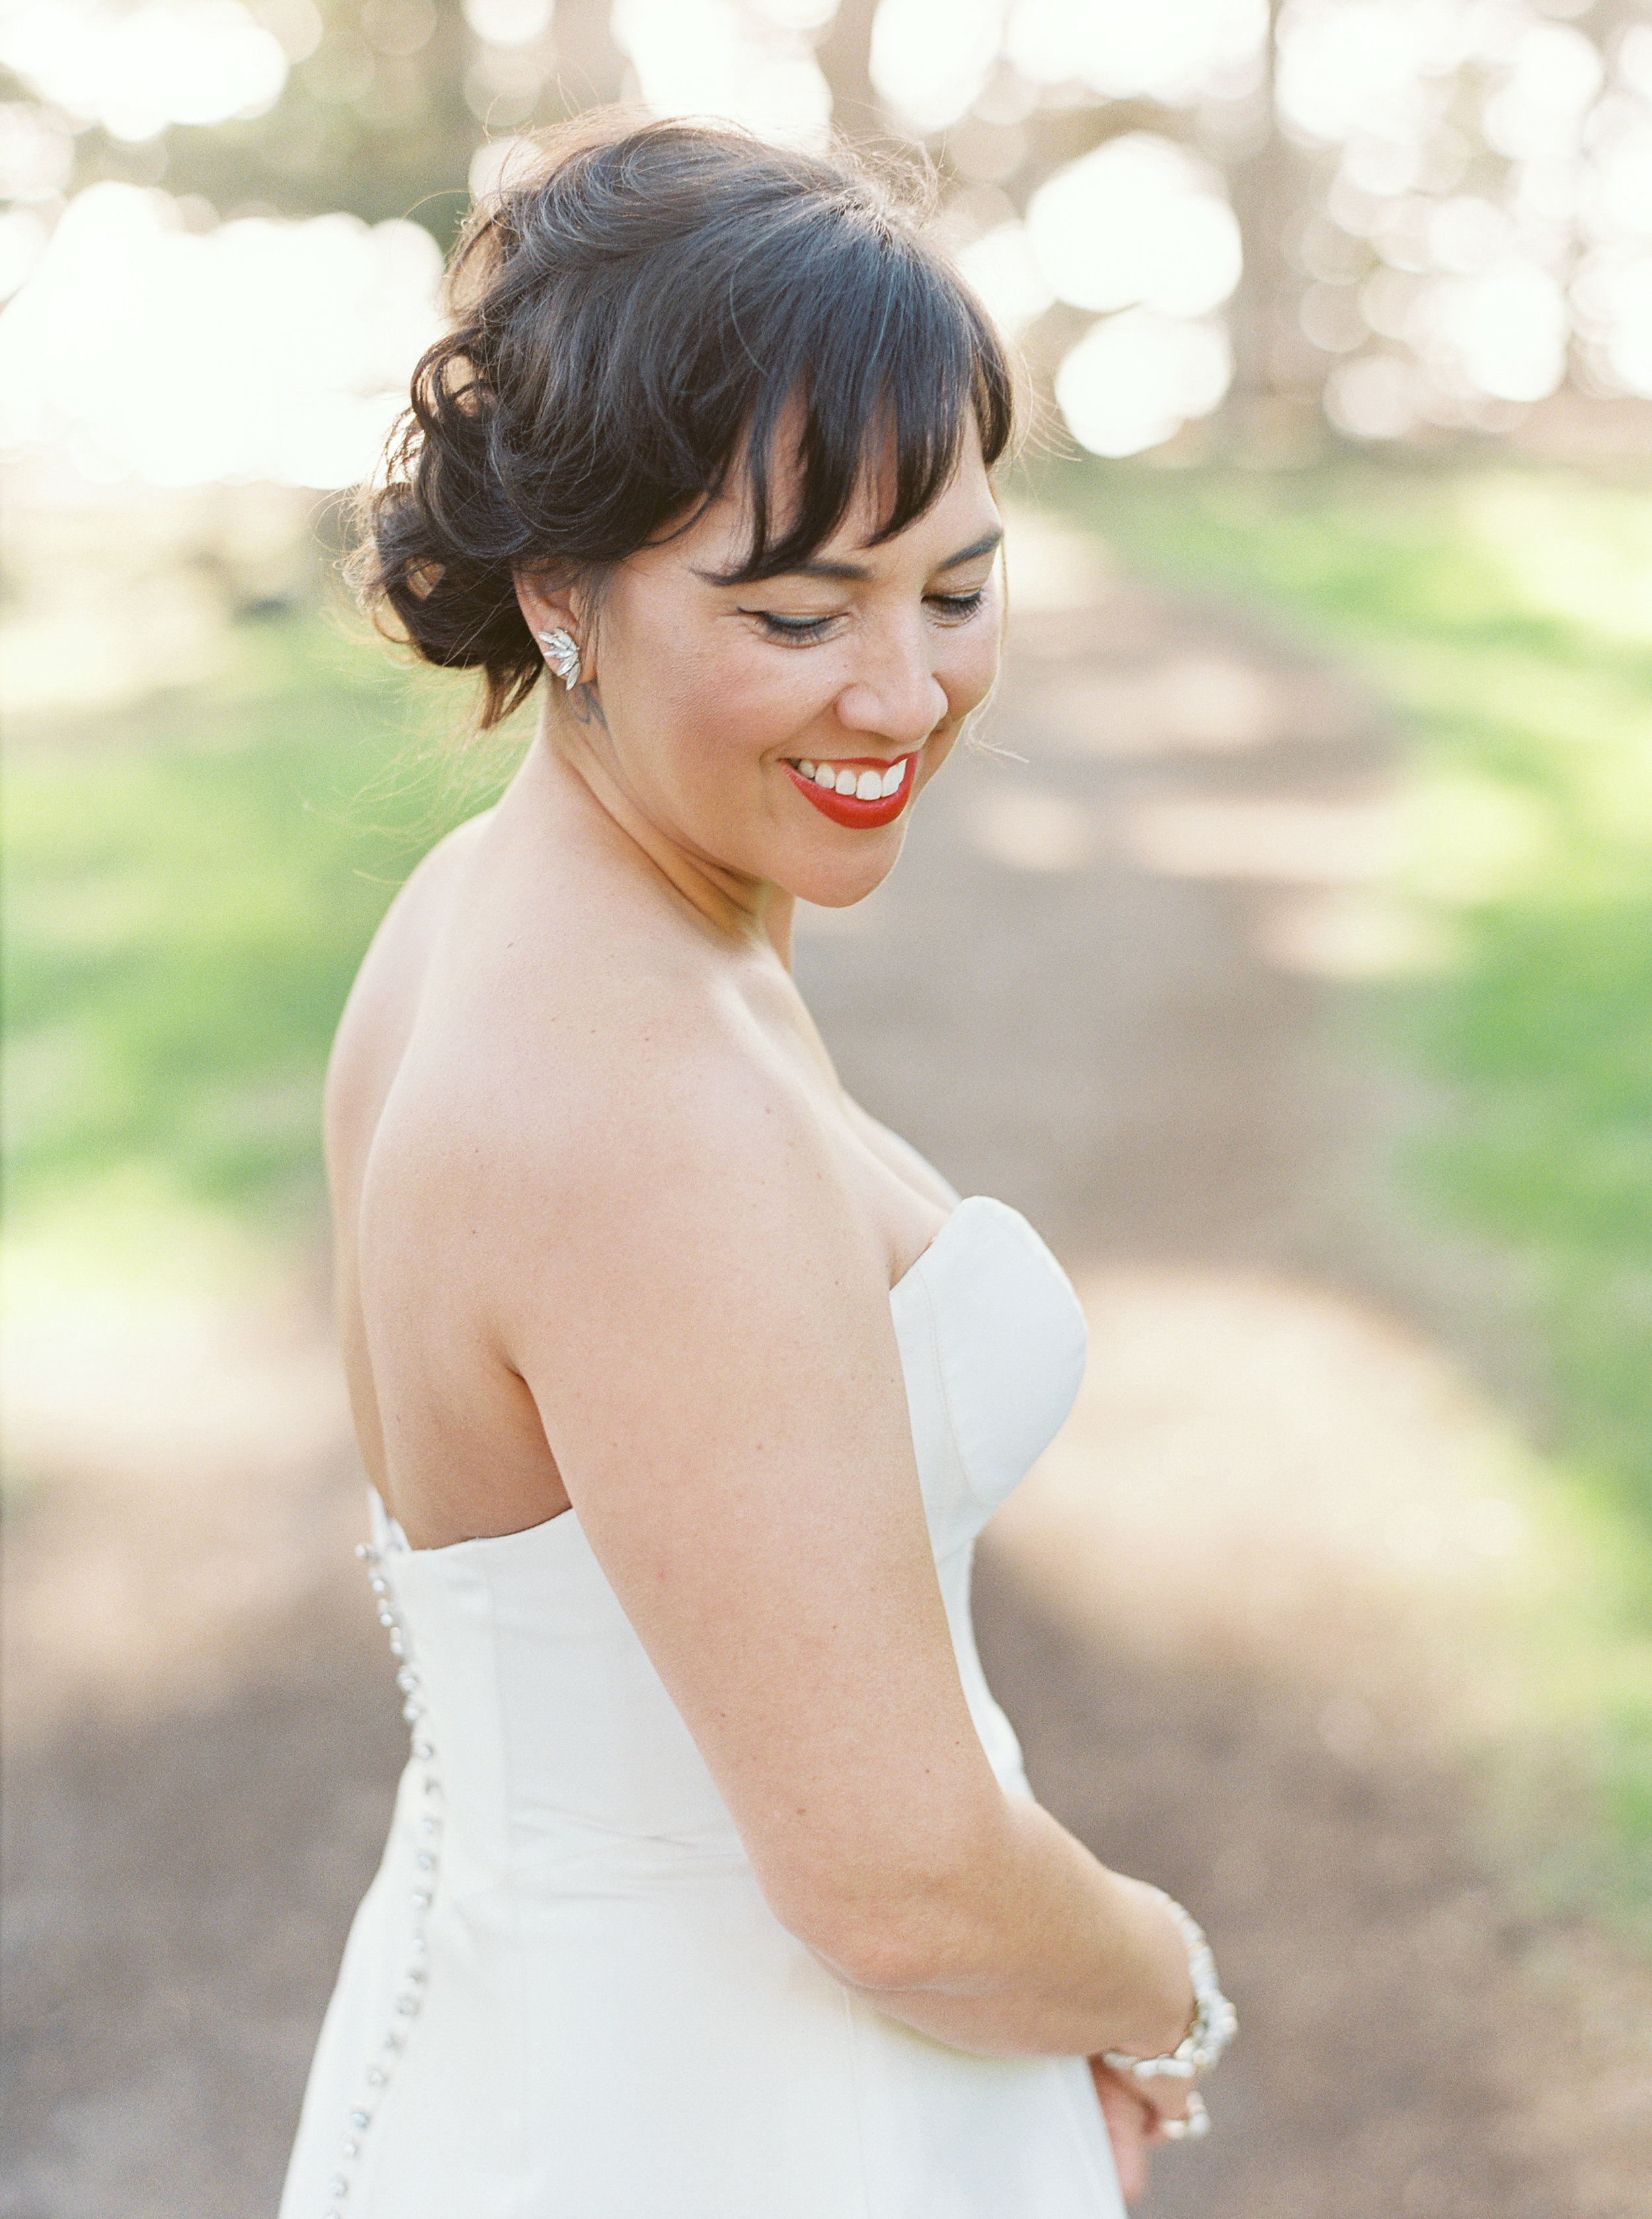 Mavericks-event-center-wedding-in-half-moon-bay-california512.jpg